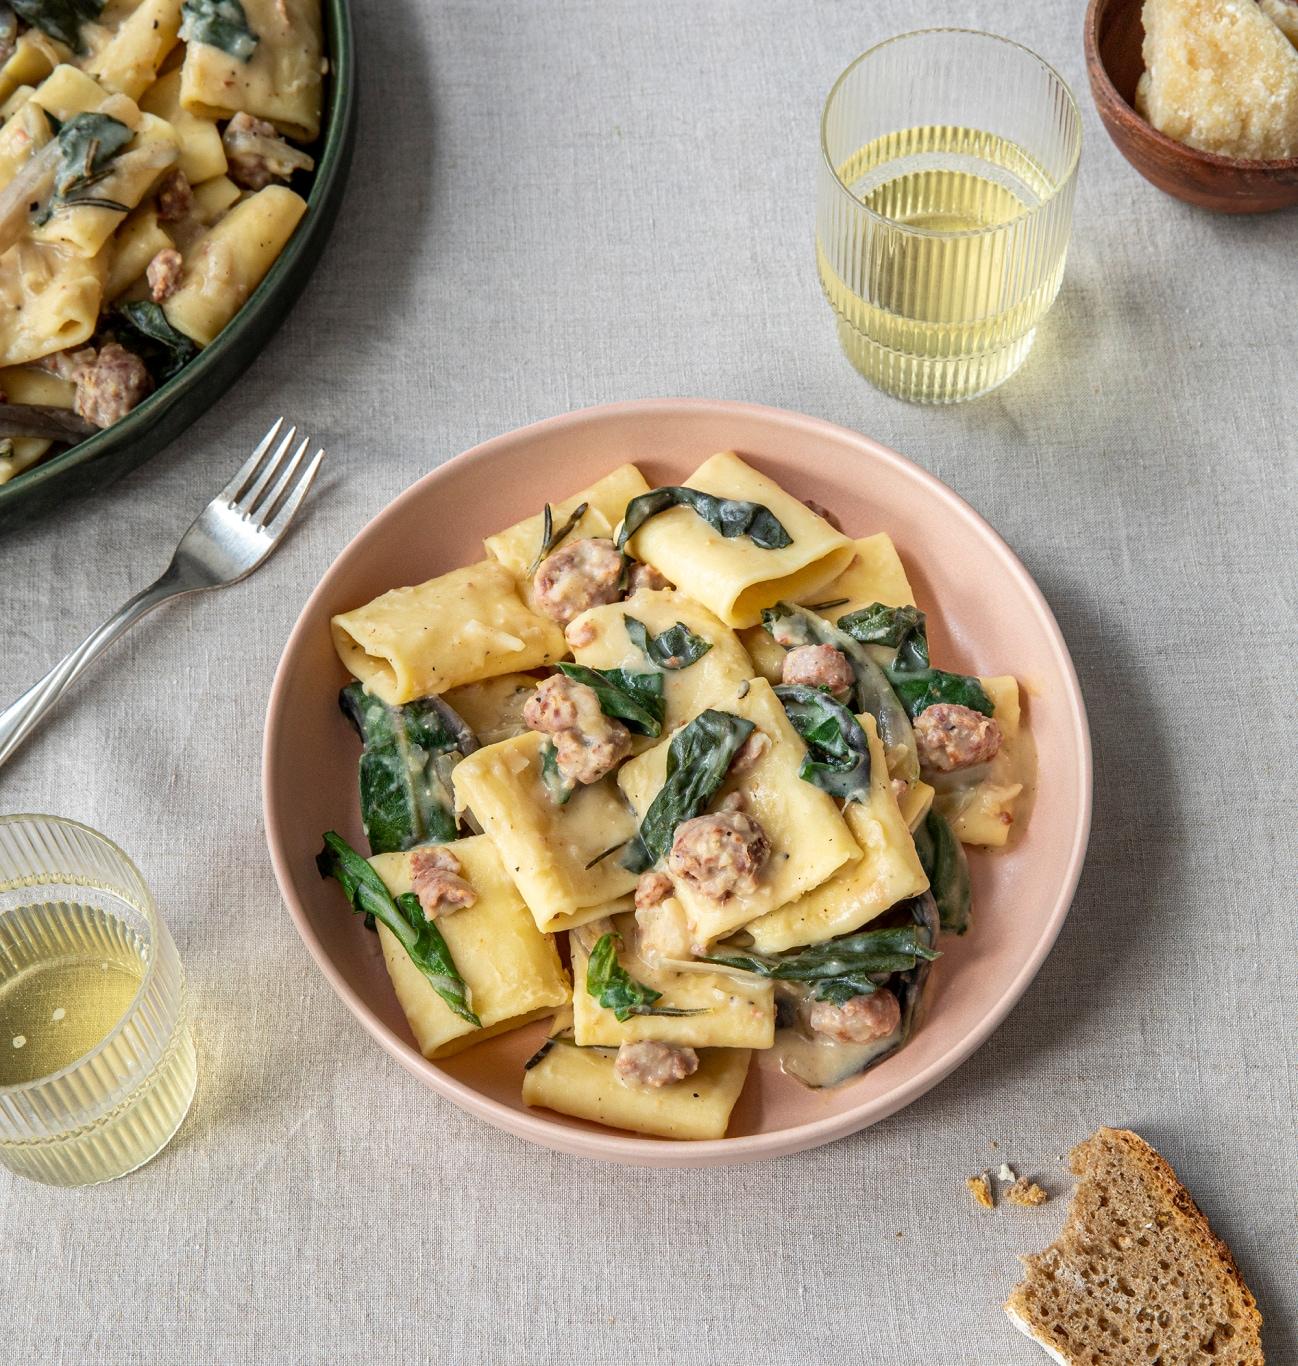 Swiss chard, Italian Sausage and white bean pasta dish